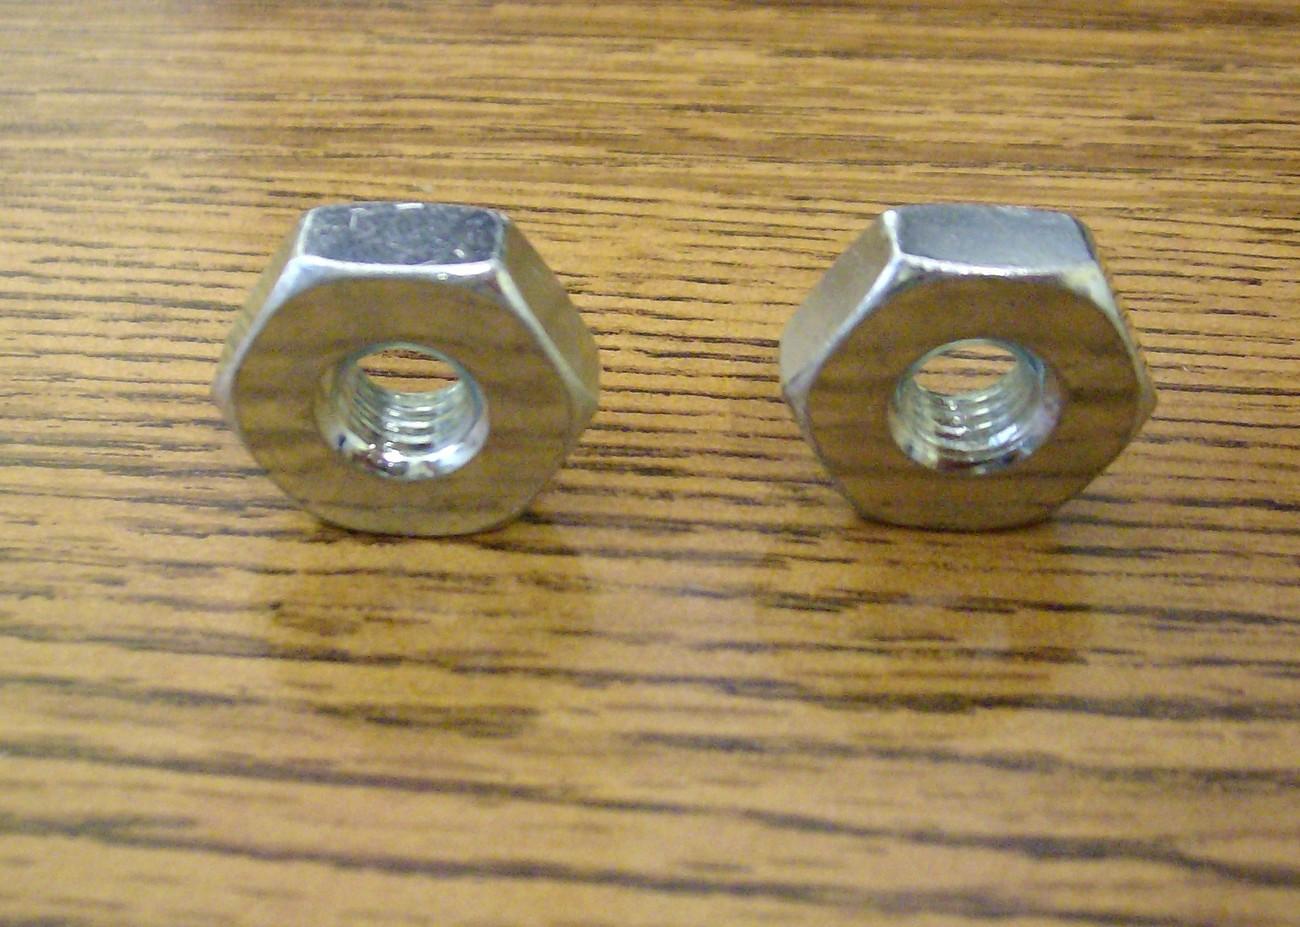 Bar nuts fits Stihl 028AV, 032AV, 034AV, 041AV, 042AV and 045AV, 00009550801 - $4.95